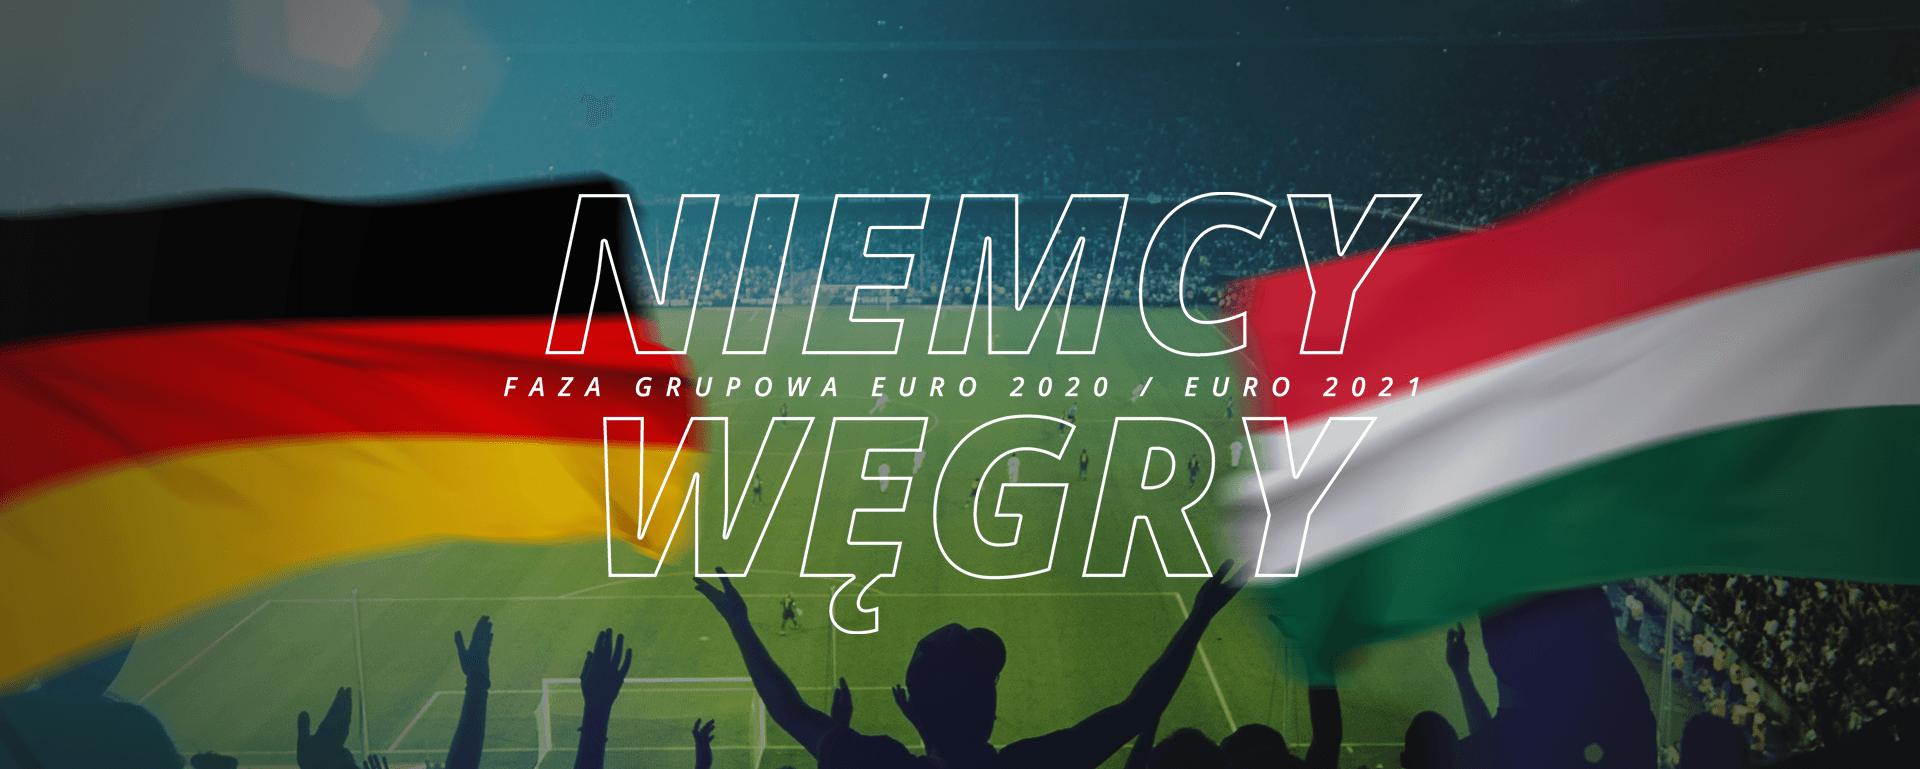 Niemcy – Węgry | faza grupowa Euro 2020 / Euro 2021